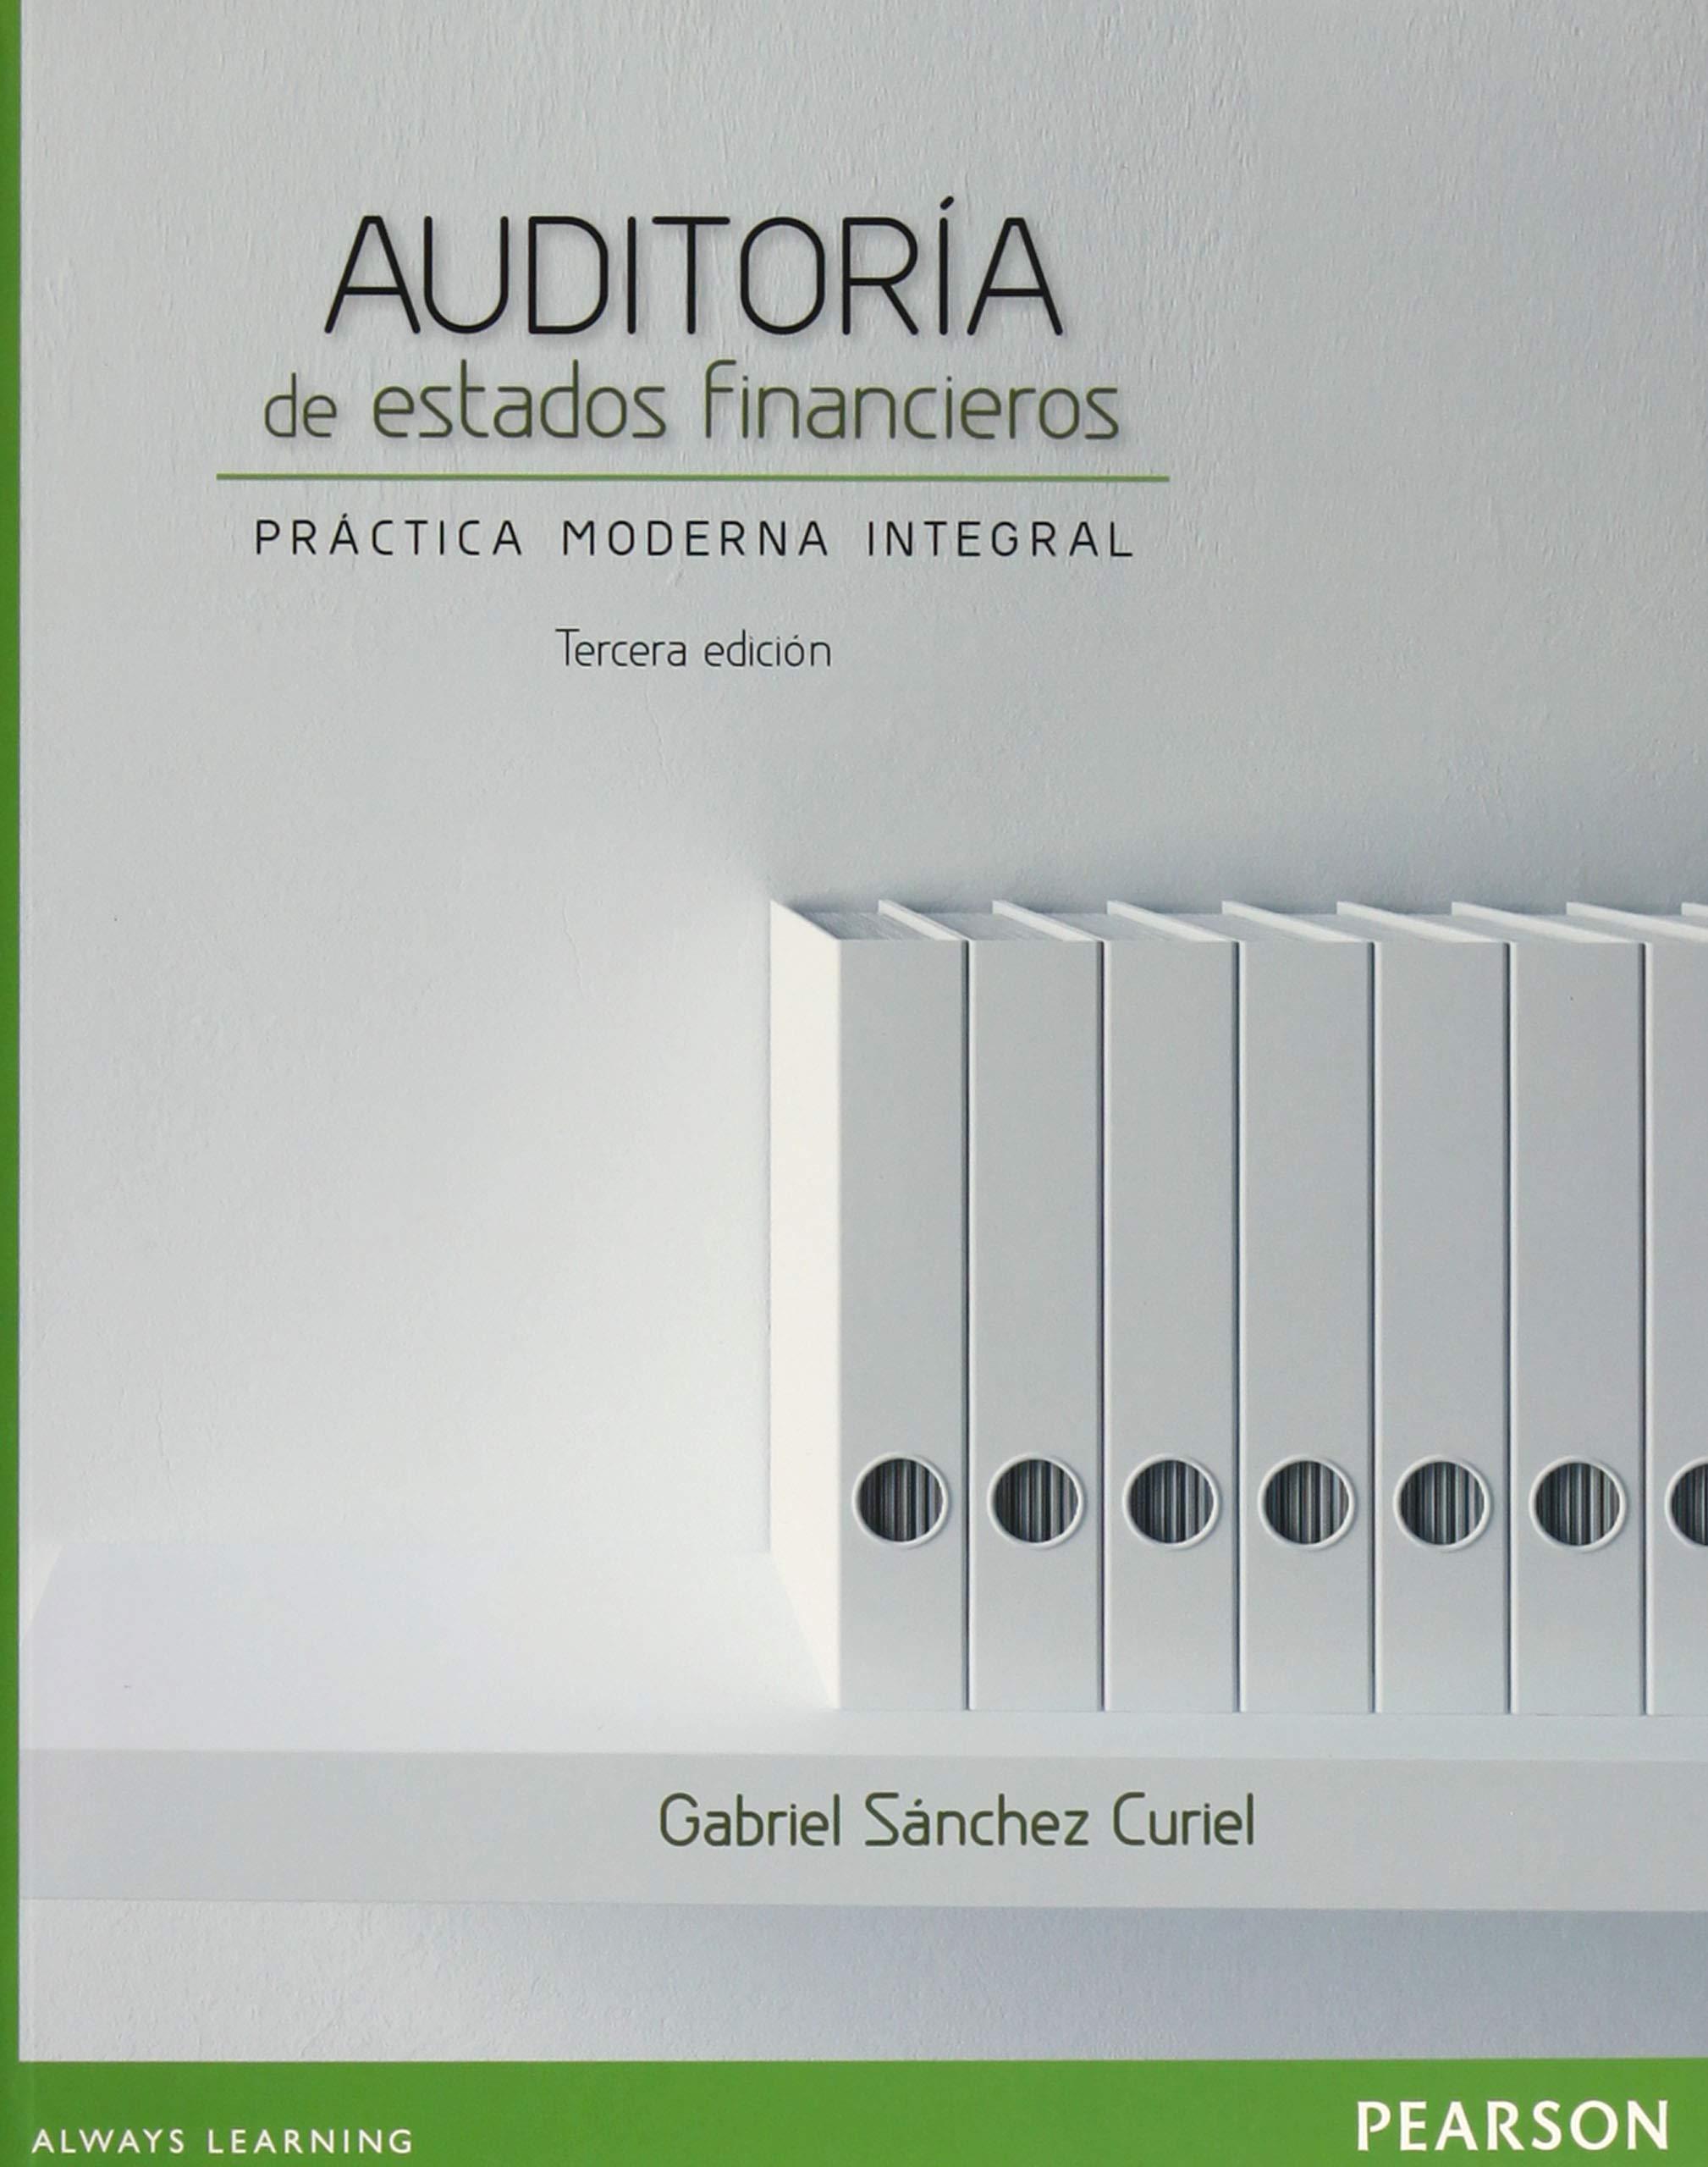 Auditoria de estados financieros (Spanish) Paperback – 2013